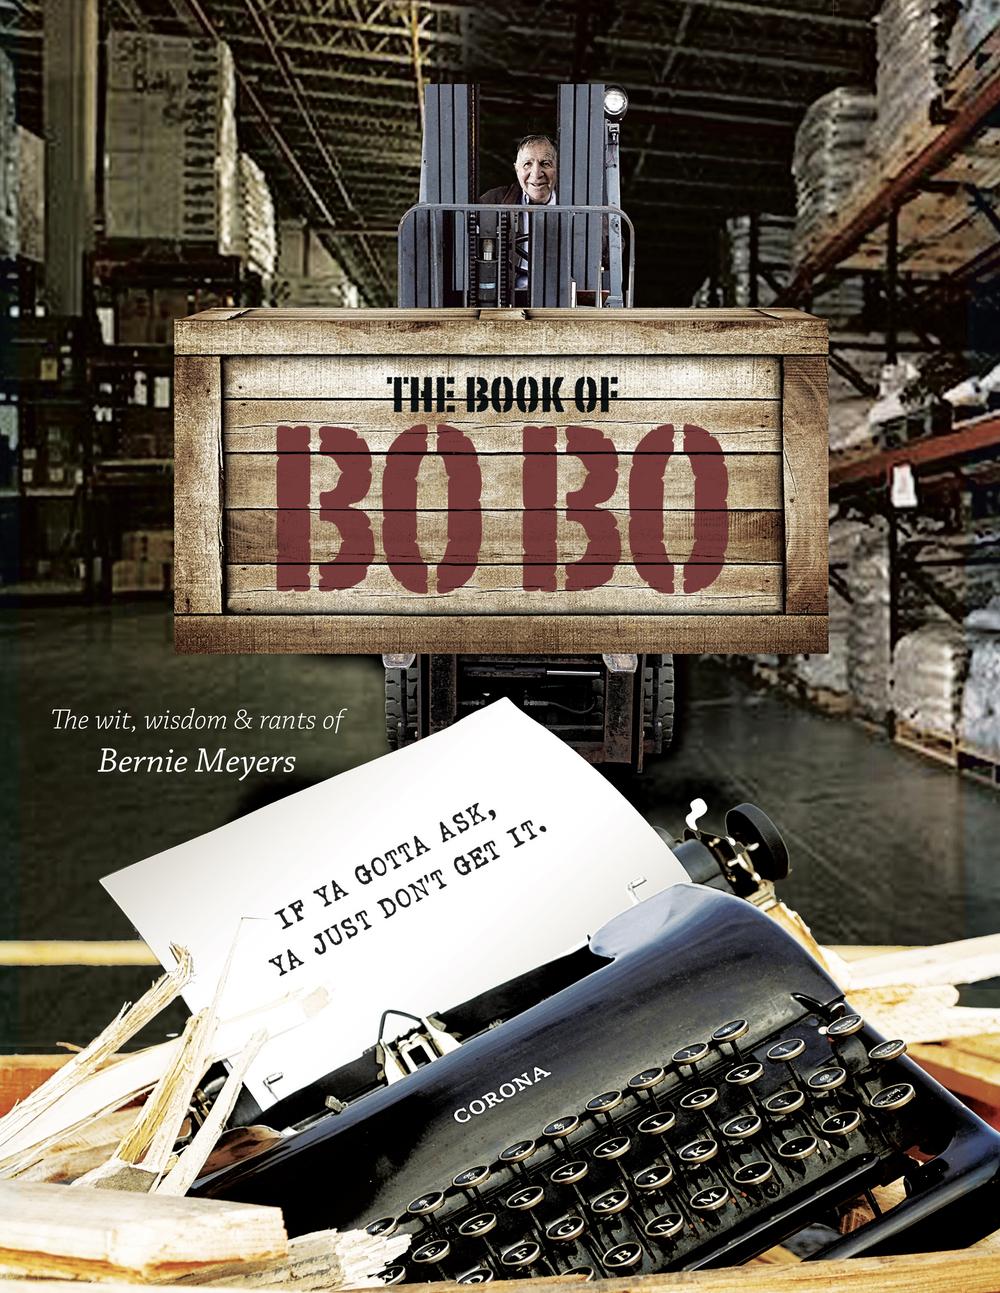 The Book of Bobo